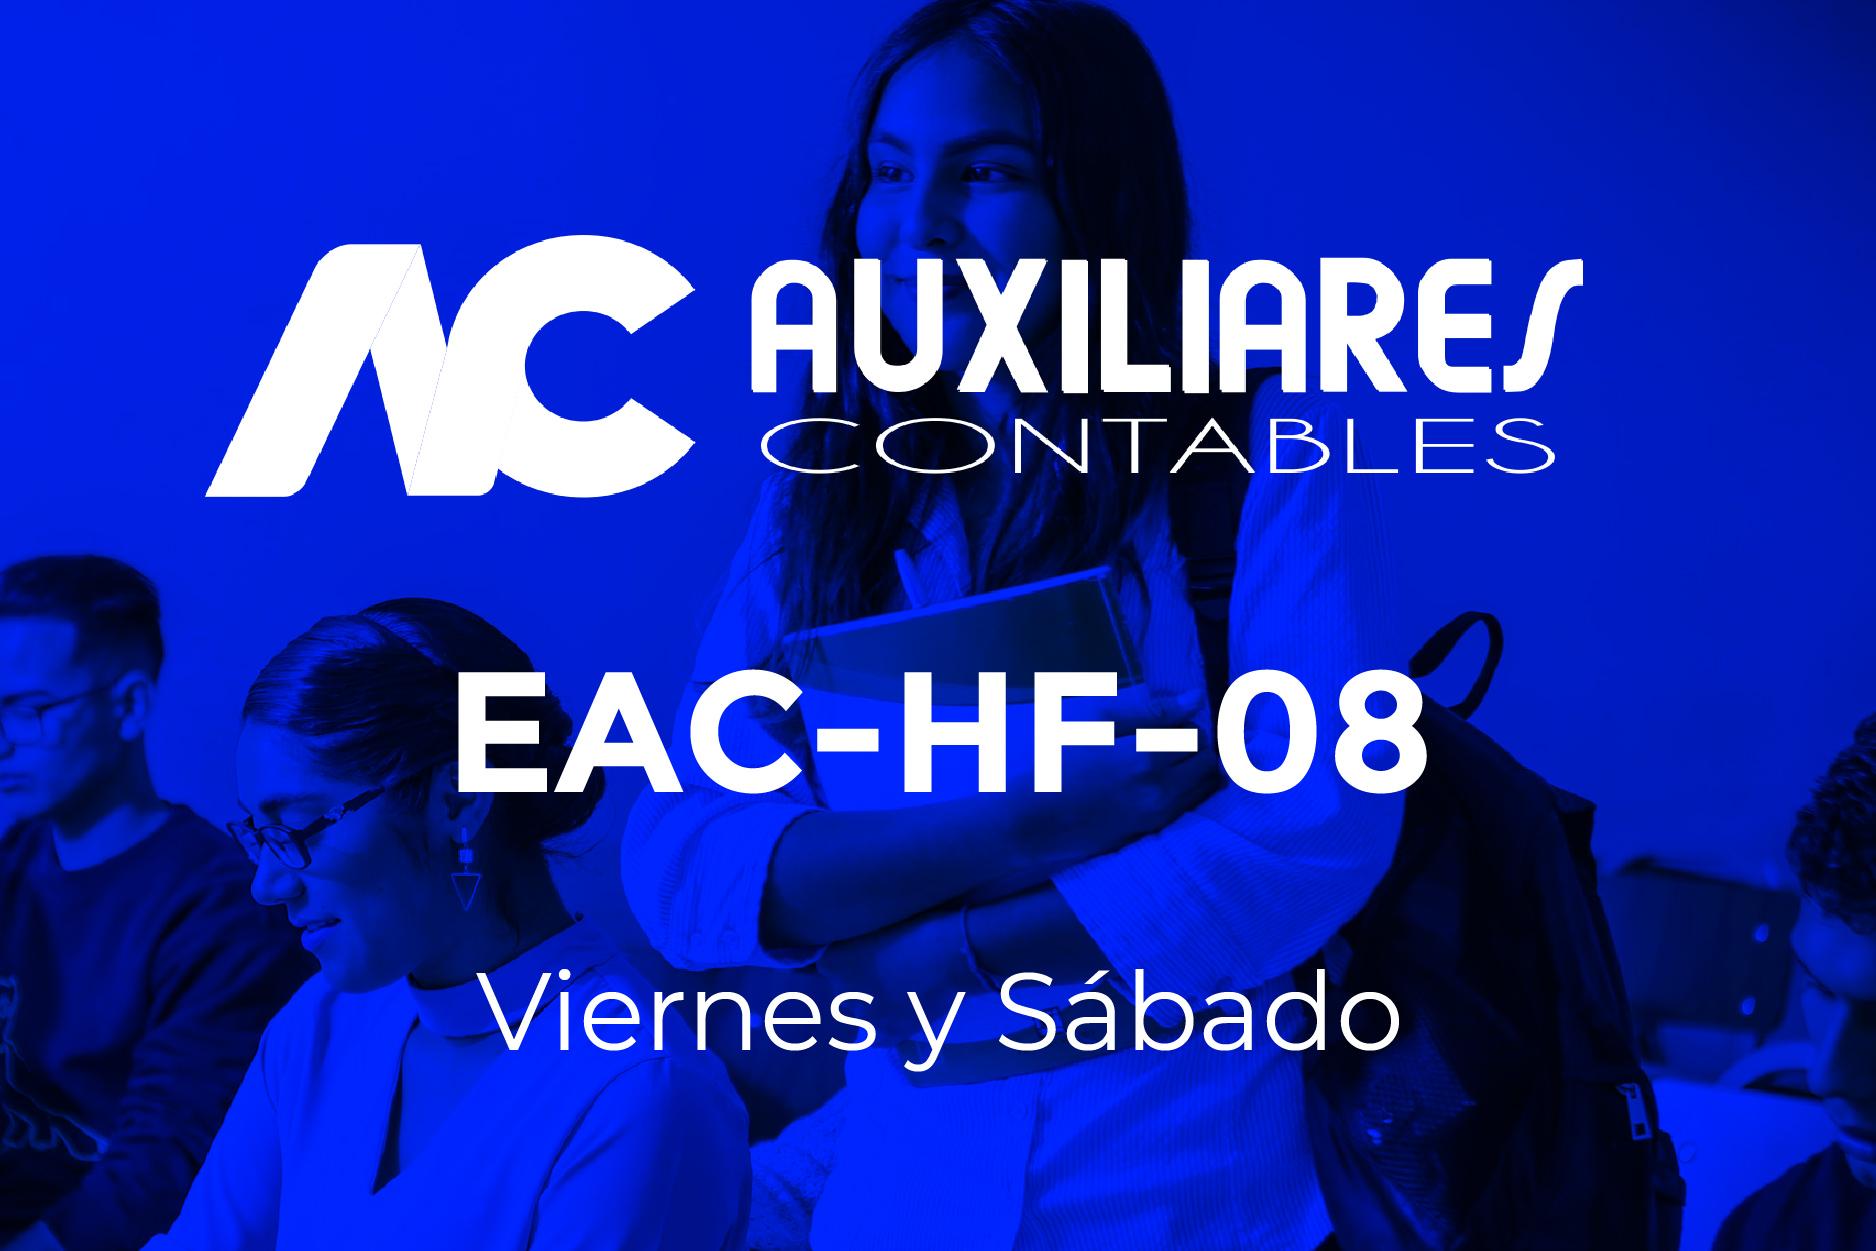 8 - AUXILIARES CONTABLES - VIERNES Y SÁBADO